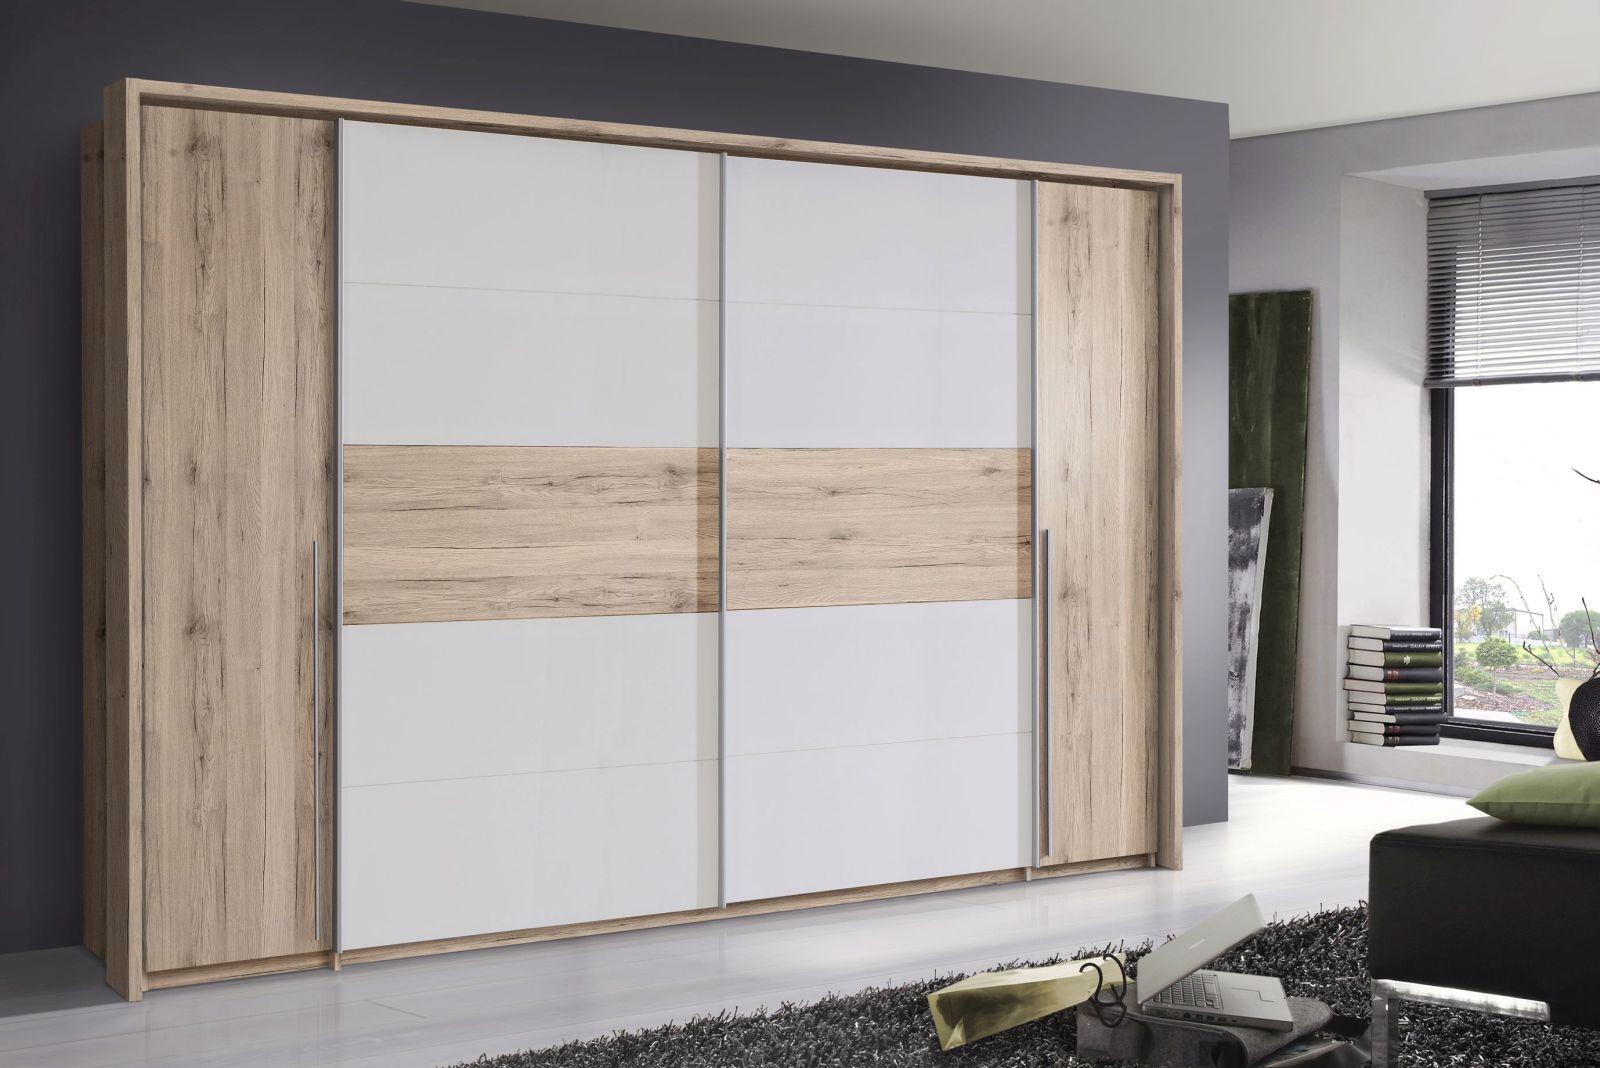 kleiderschr nke schlafzimmer sortiment pack zu m bel sb und k chen discount. Black Bedroom Furniture Sets. Home Design Ideas